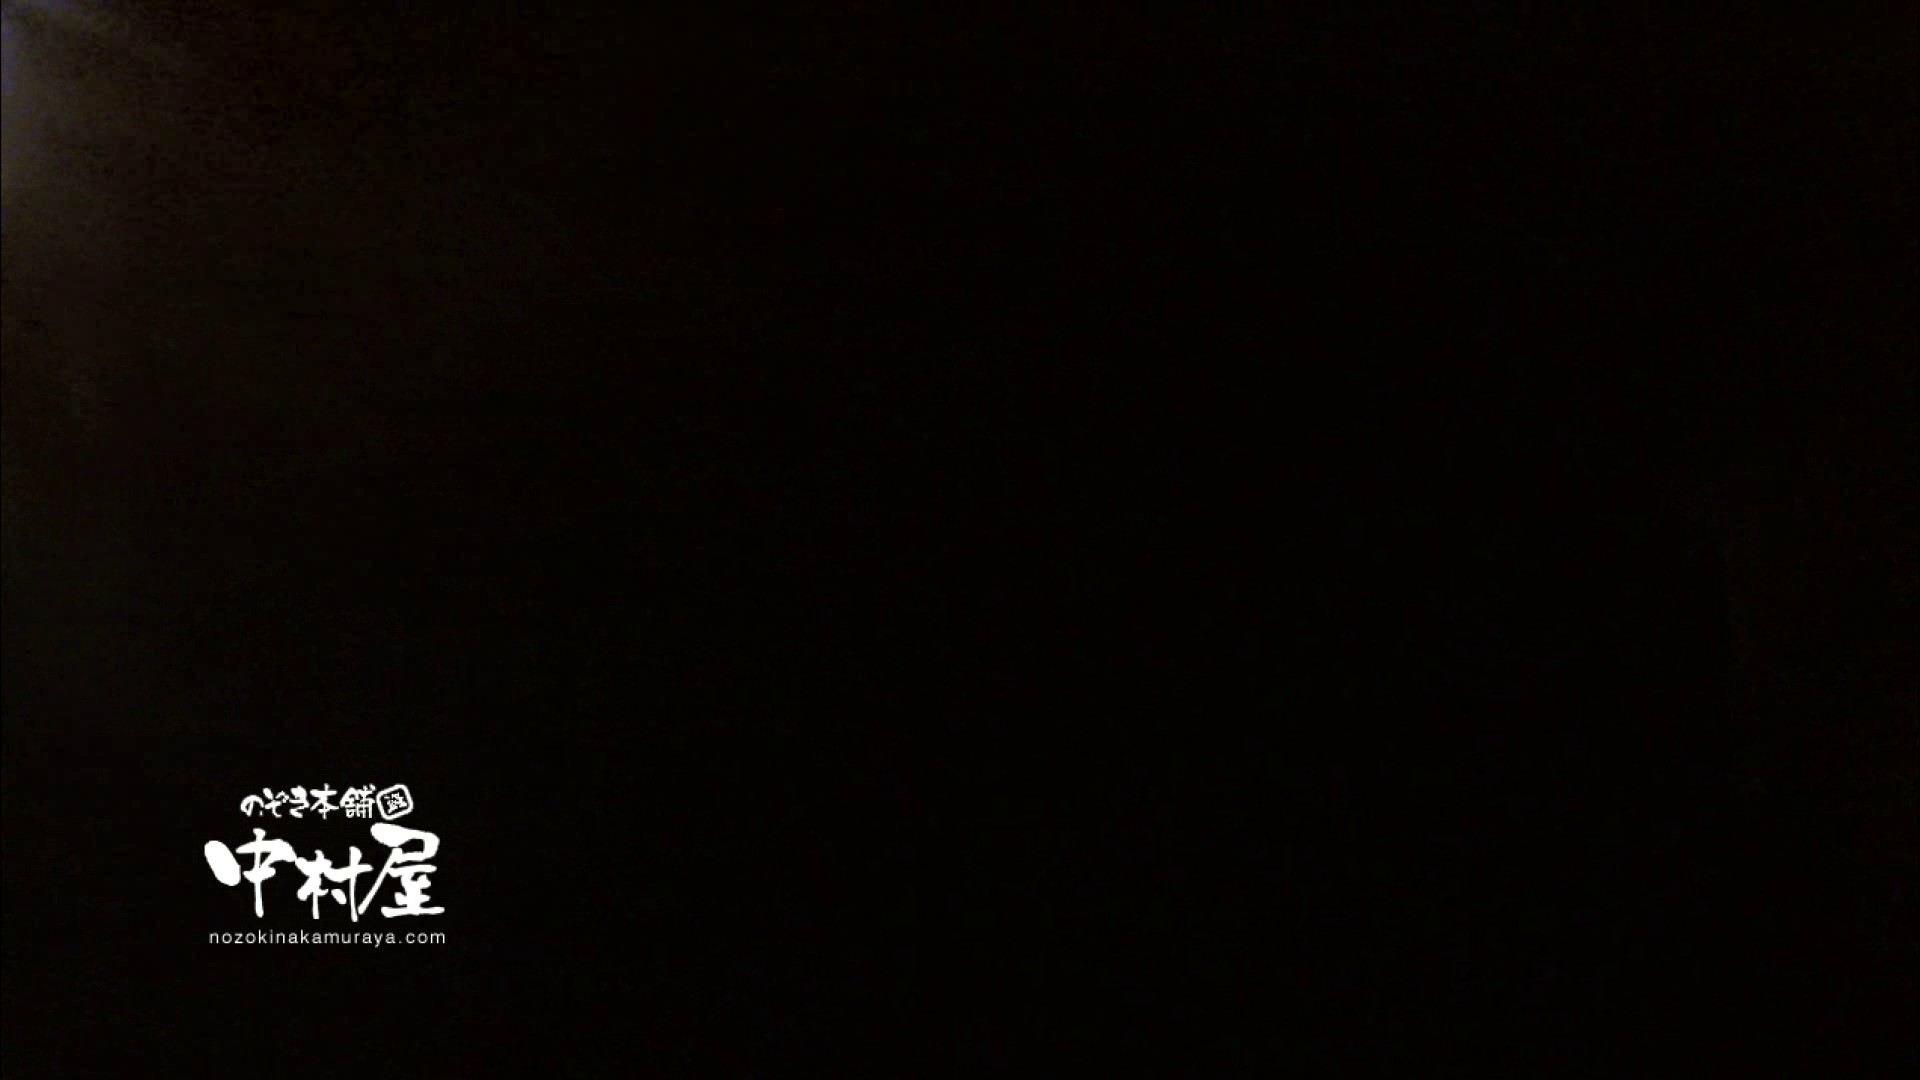 鬼畜 vol.11 下の口は正直なオンナ 後編 鬼畜 ヌード画像 96枚